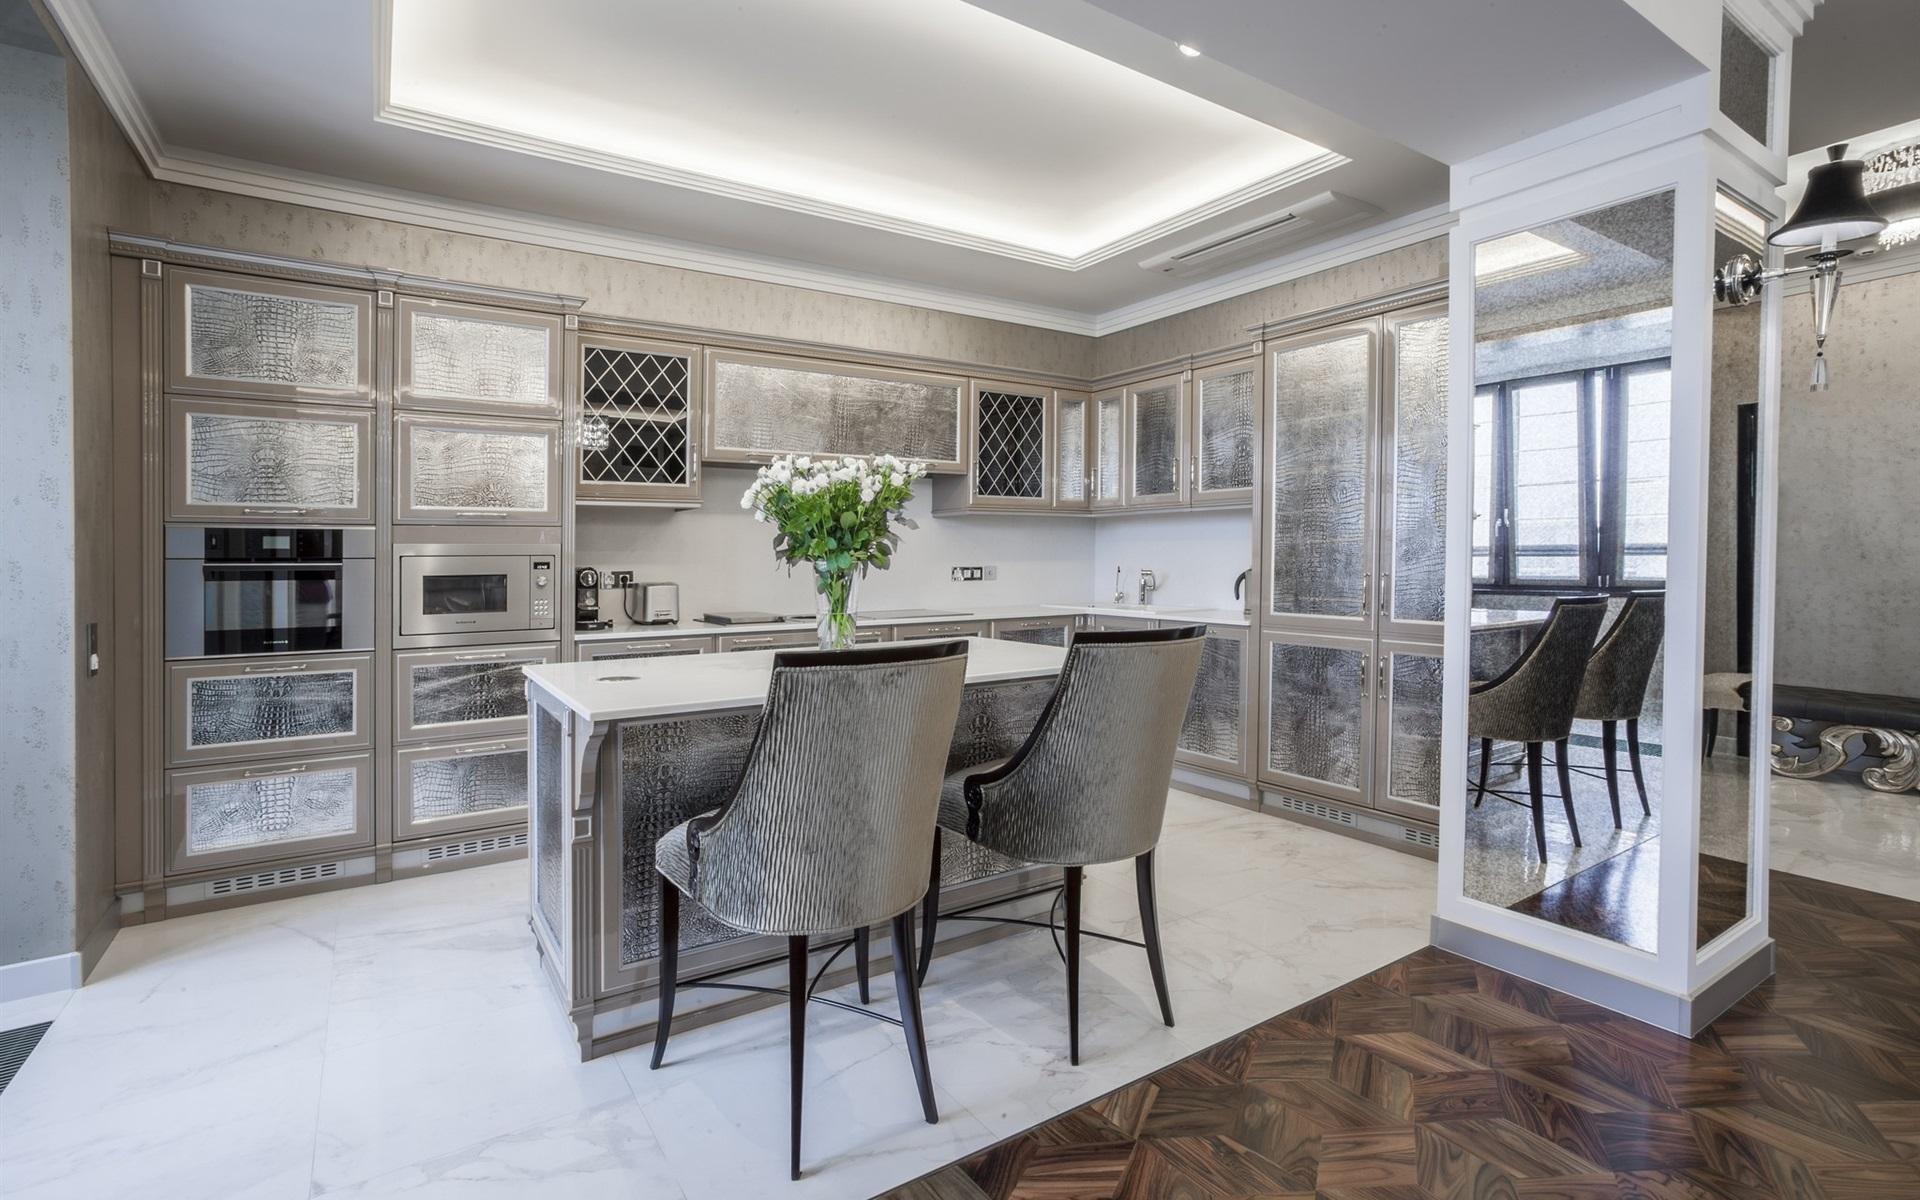 Küche, Interieur, einfachen Stil 1920x1200 HD Hintergrundbilder, HD ...